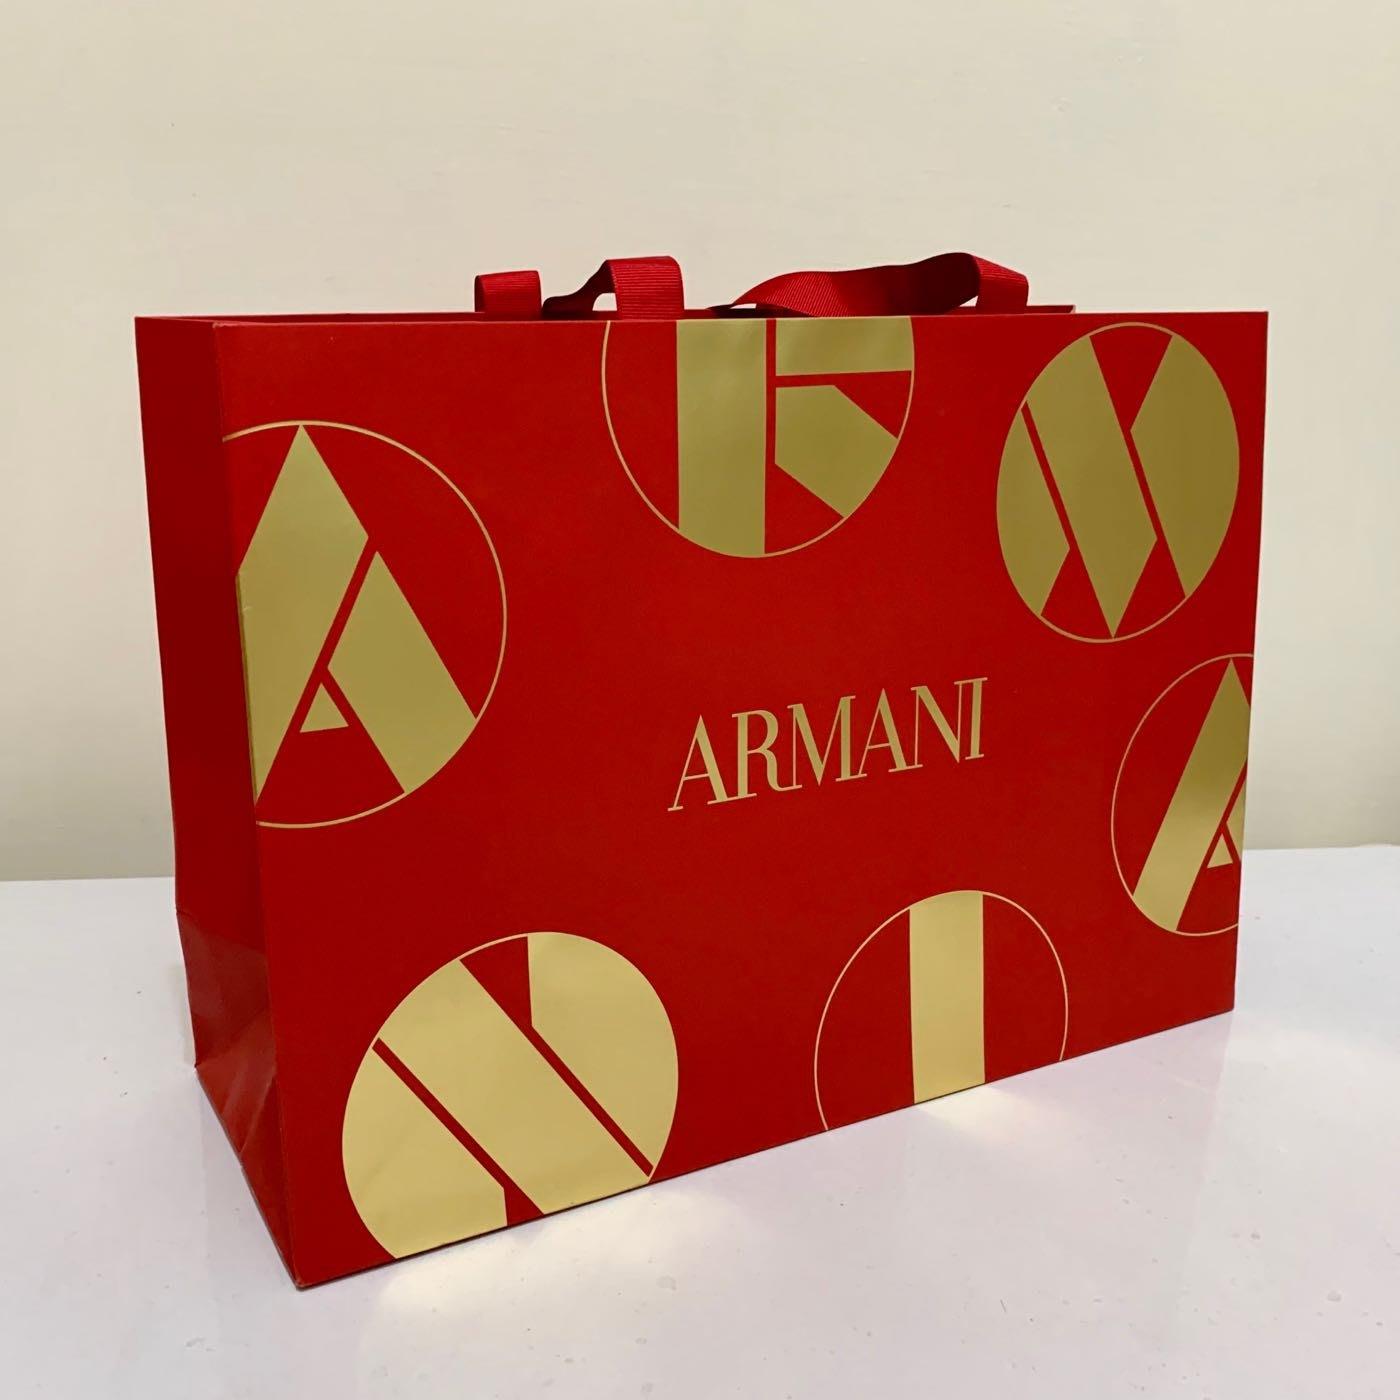 全新 Armani 亞曼尼 紅色 金色 燙金 印花 喜氣 紙袋/提袋/禮品包裝袋